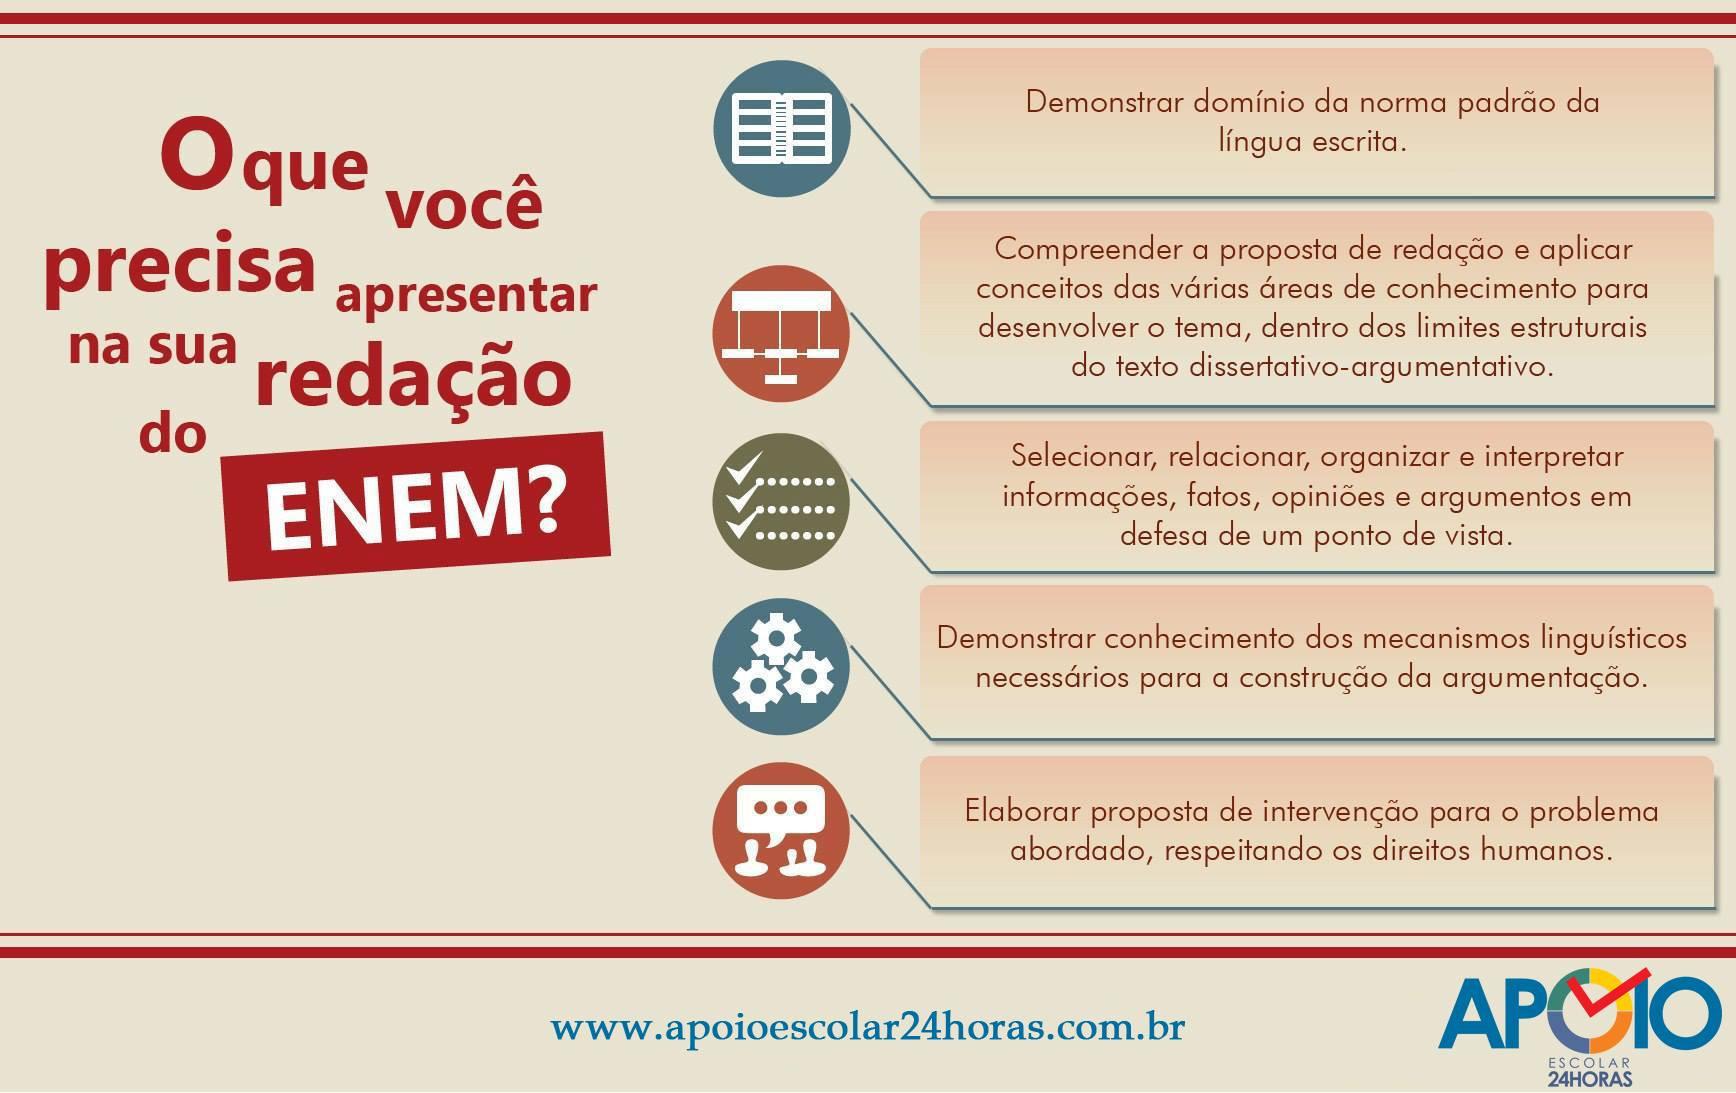 Preparatório ENEM online: Apoio Escolar 24 Horas - Imagem 2